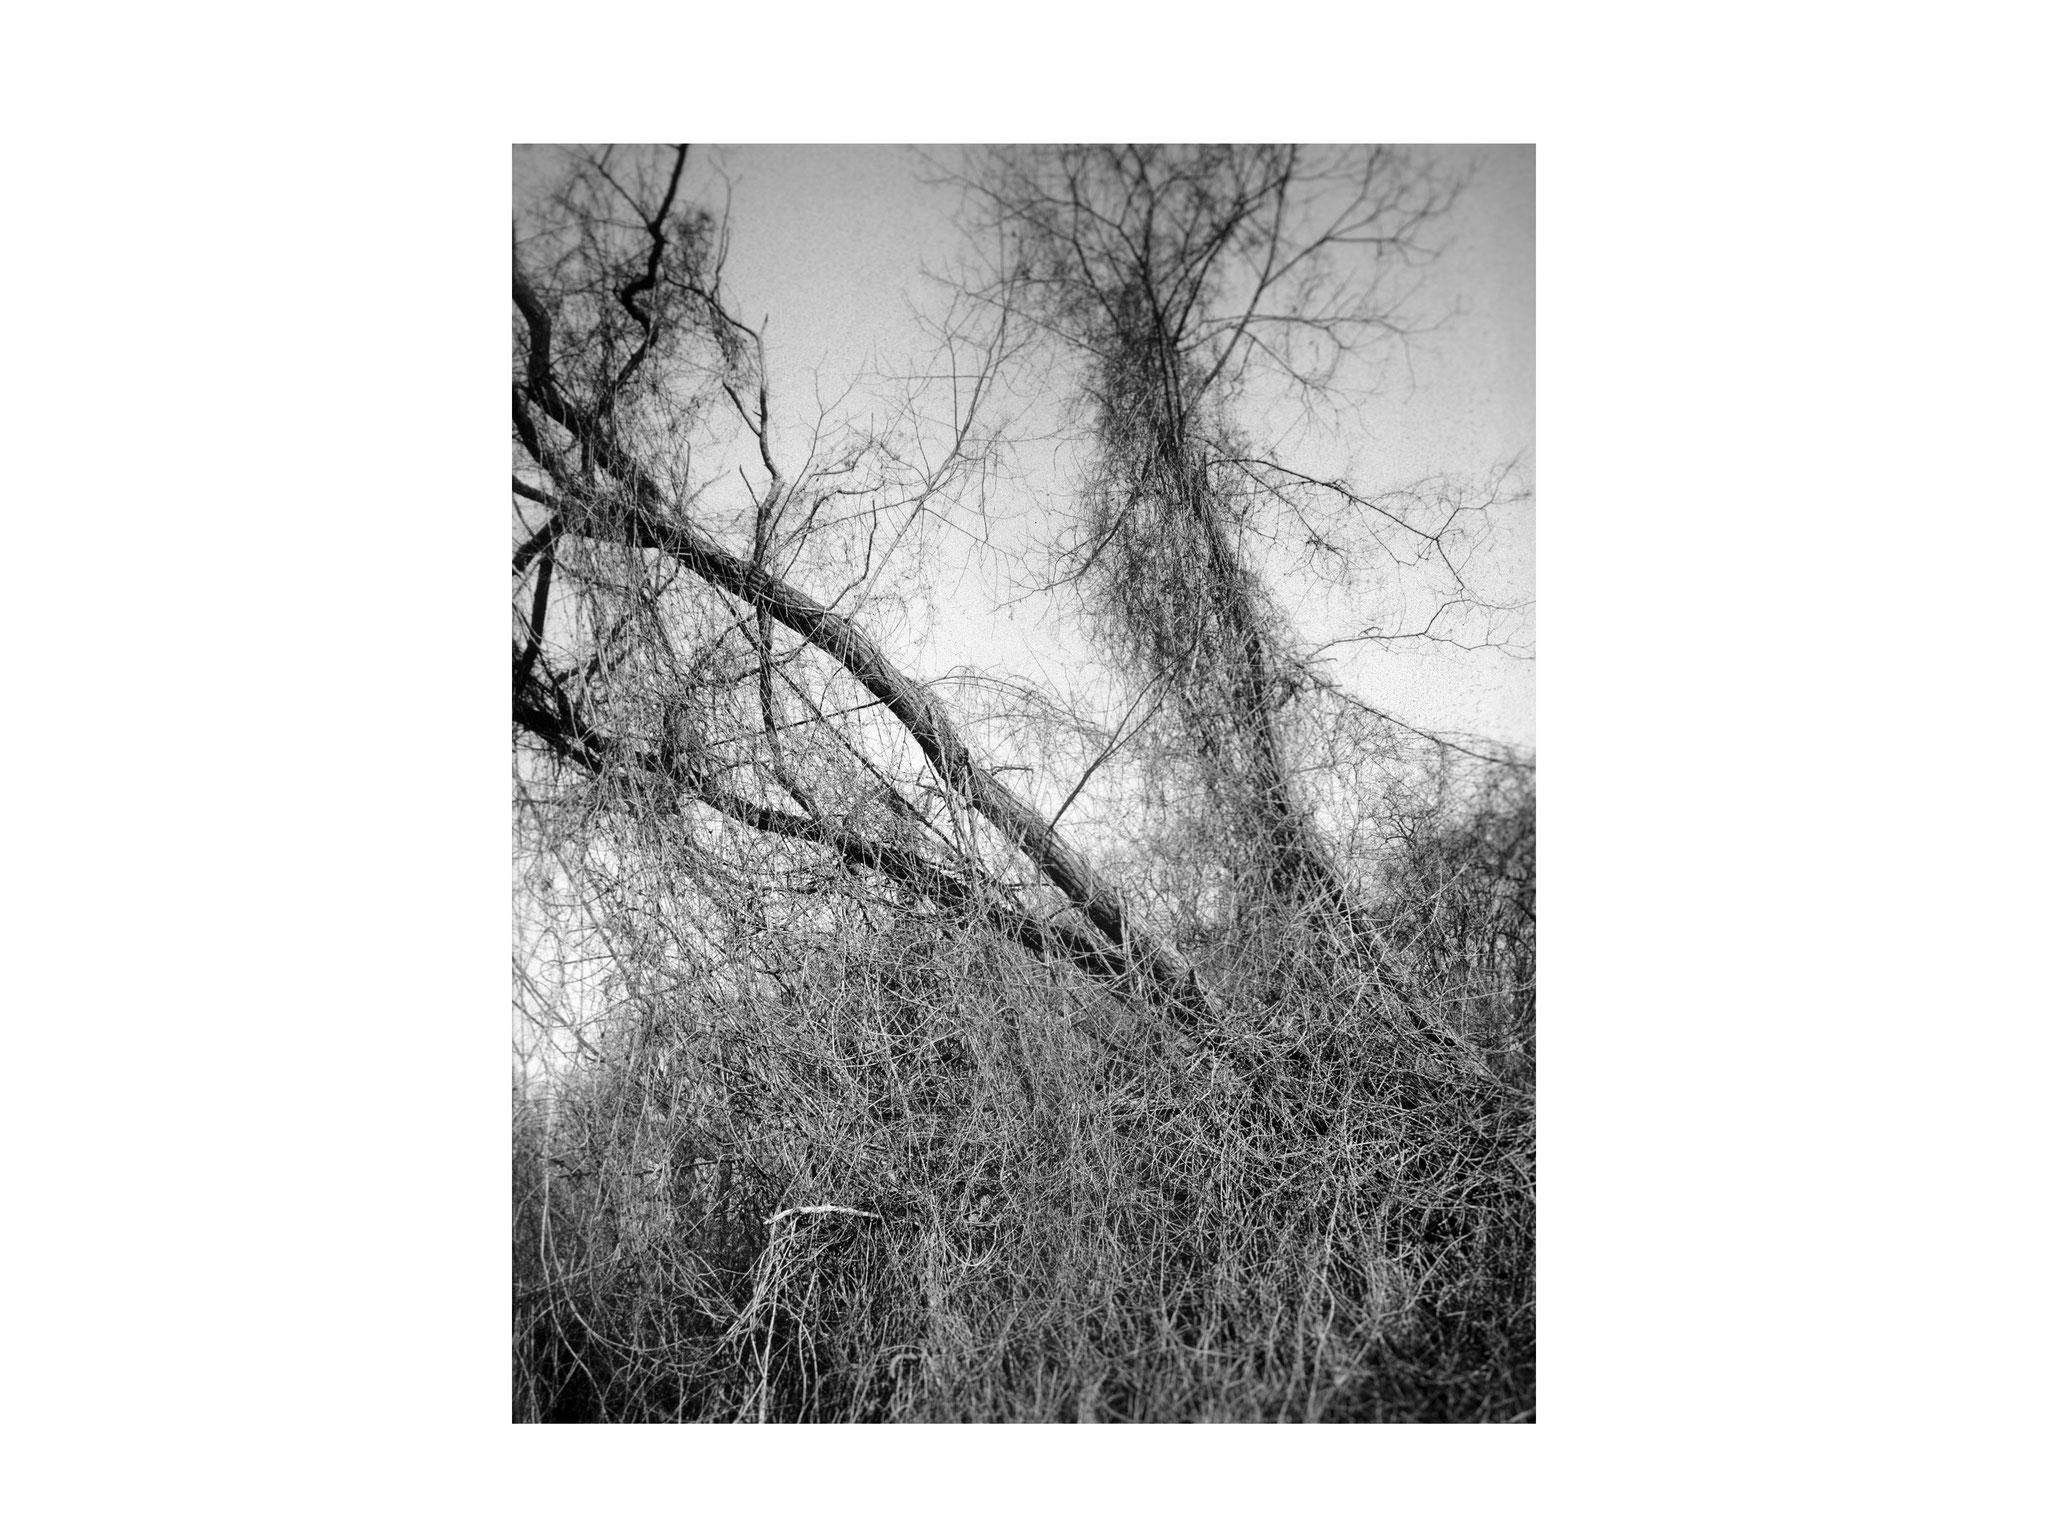 Der umschlungene Baum 4